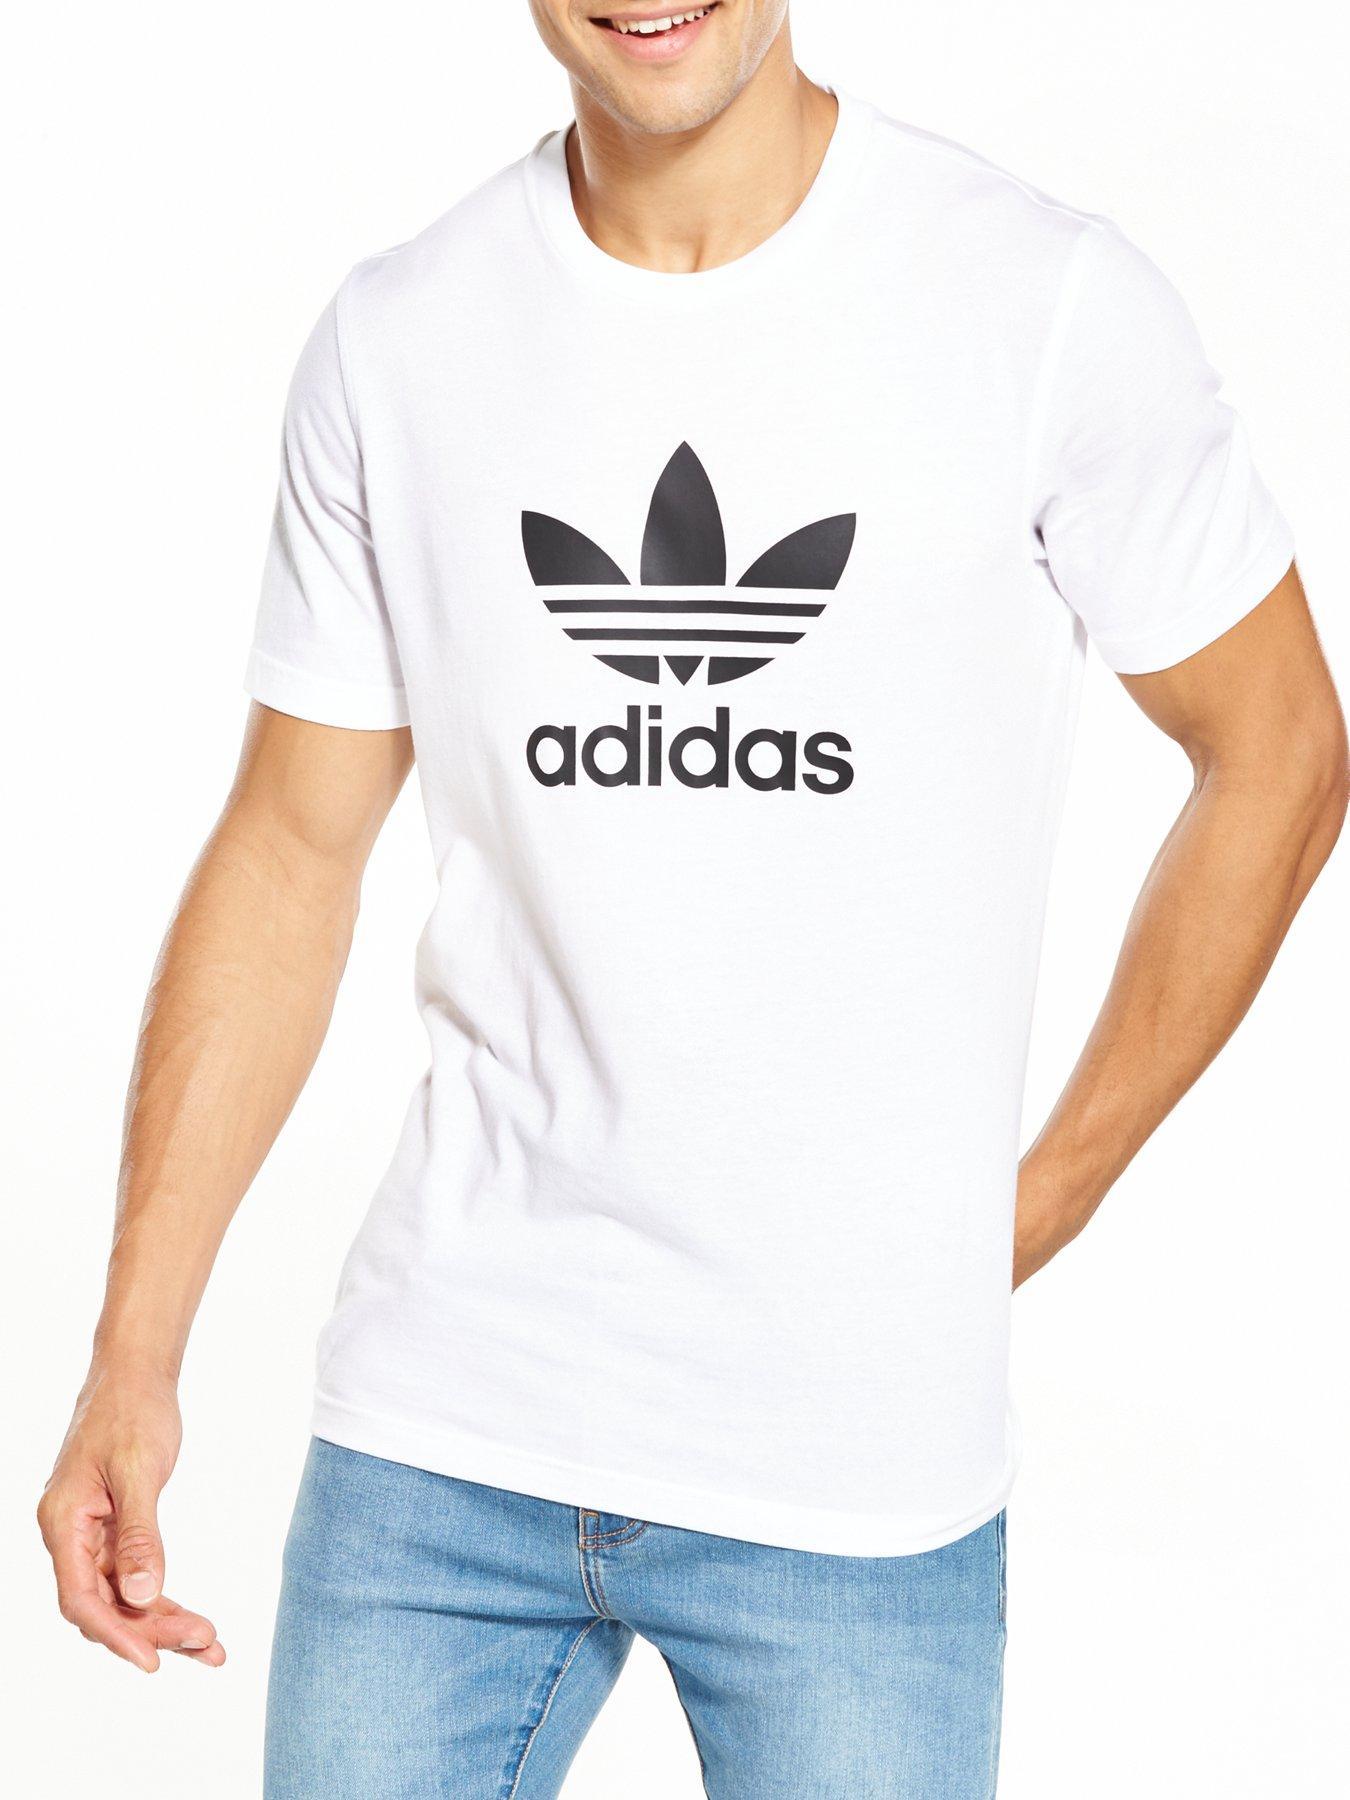 adidas t shirt mens white